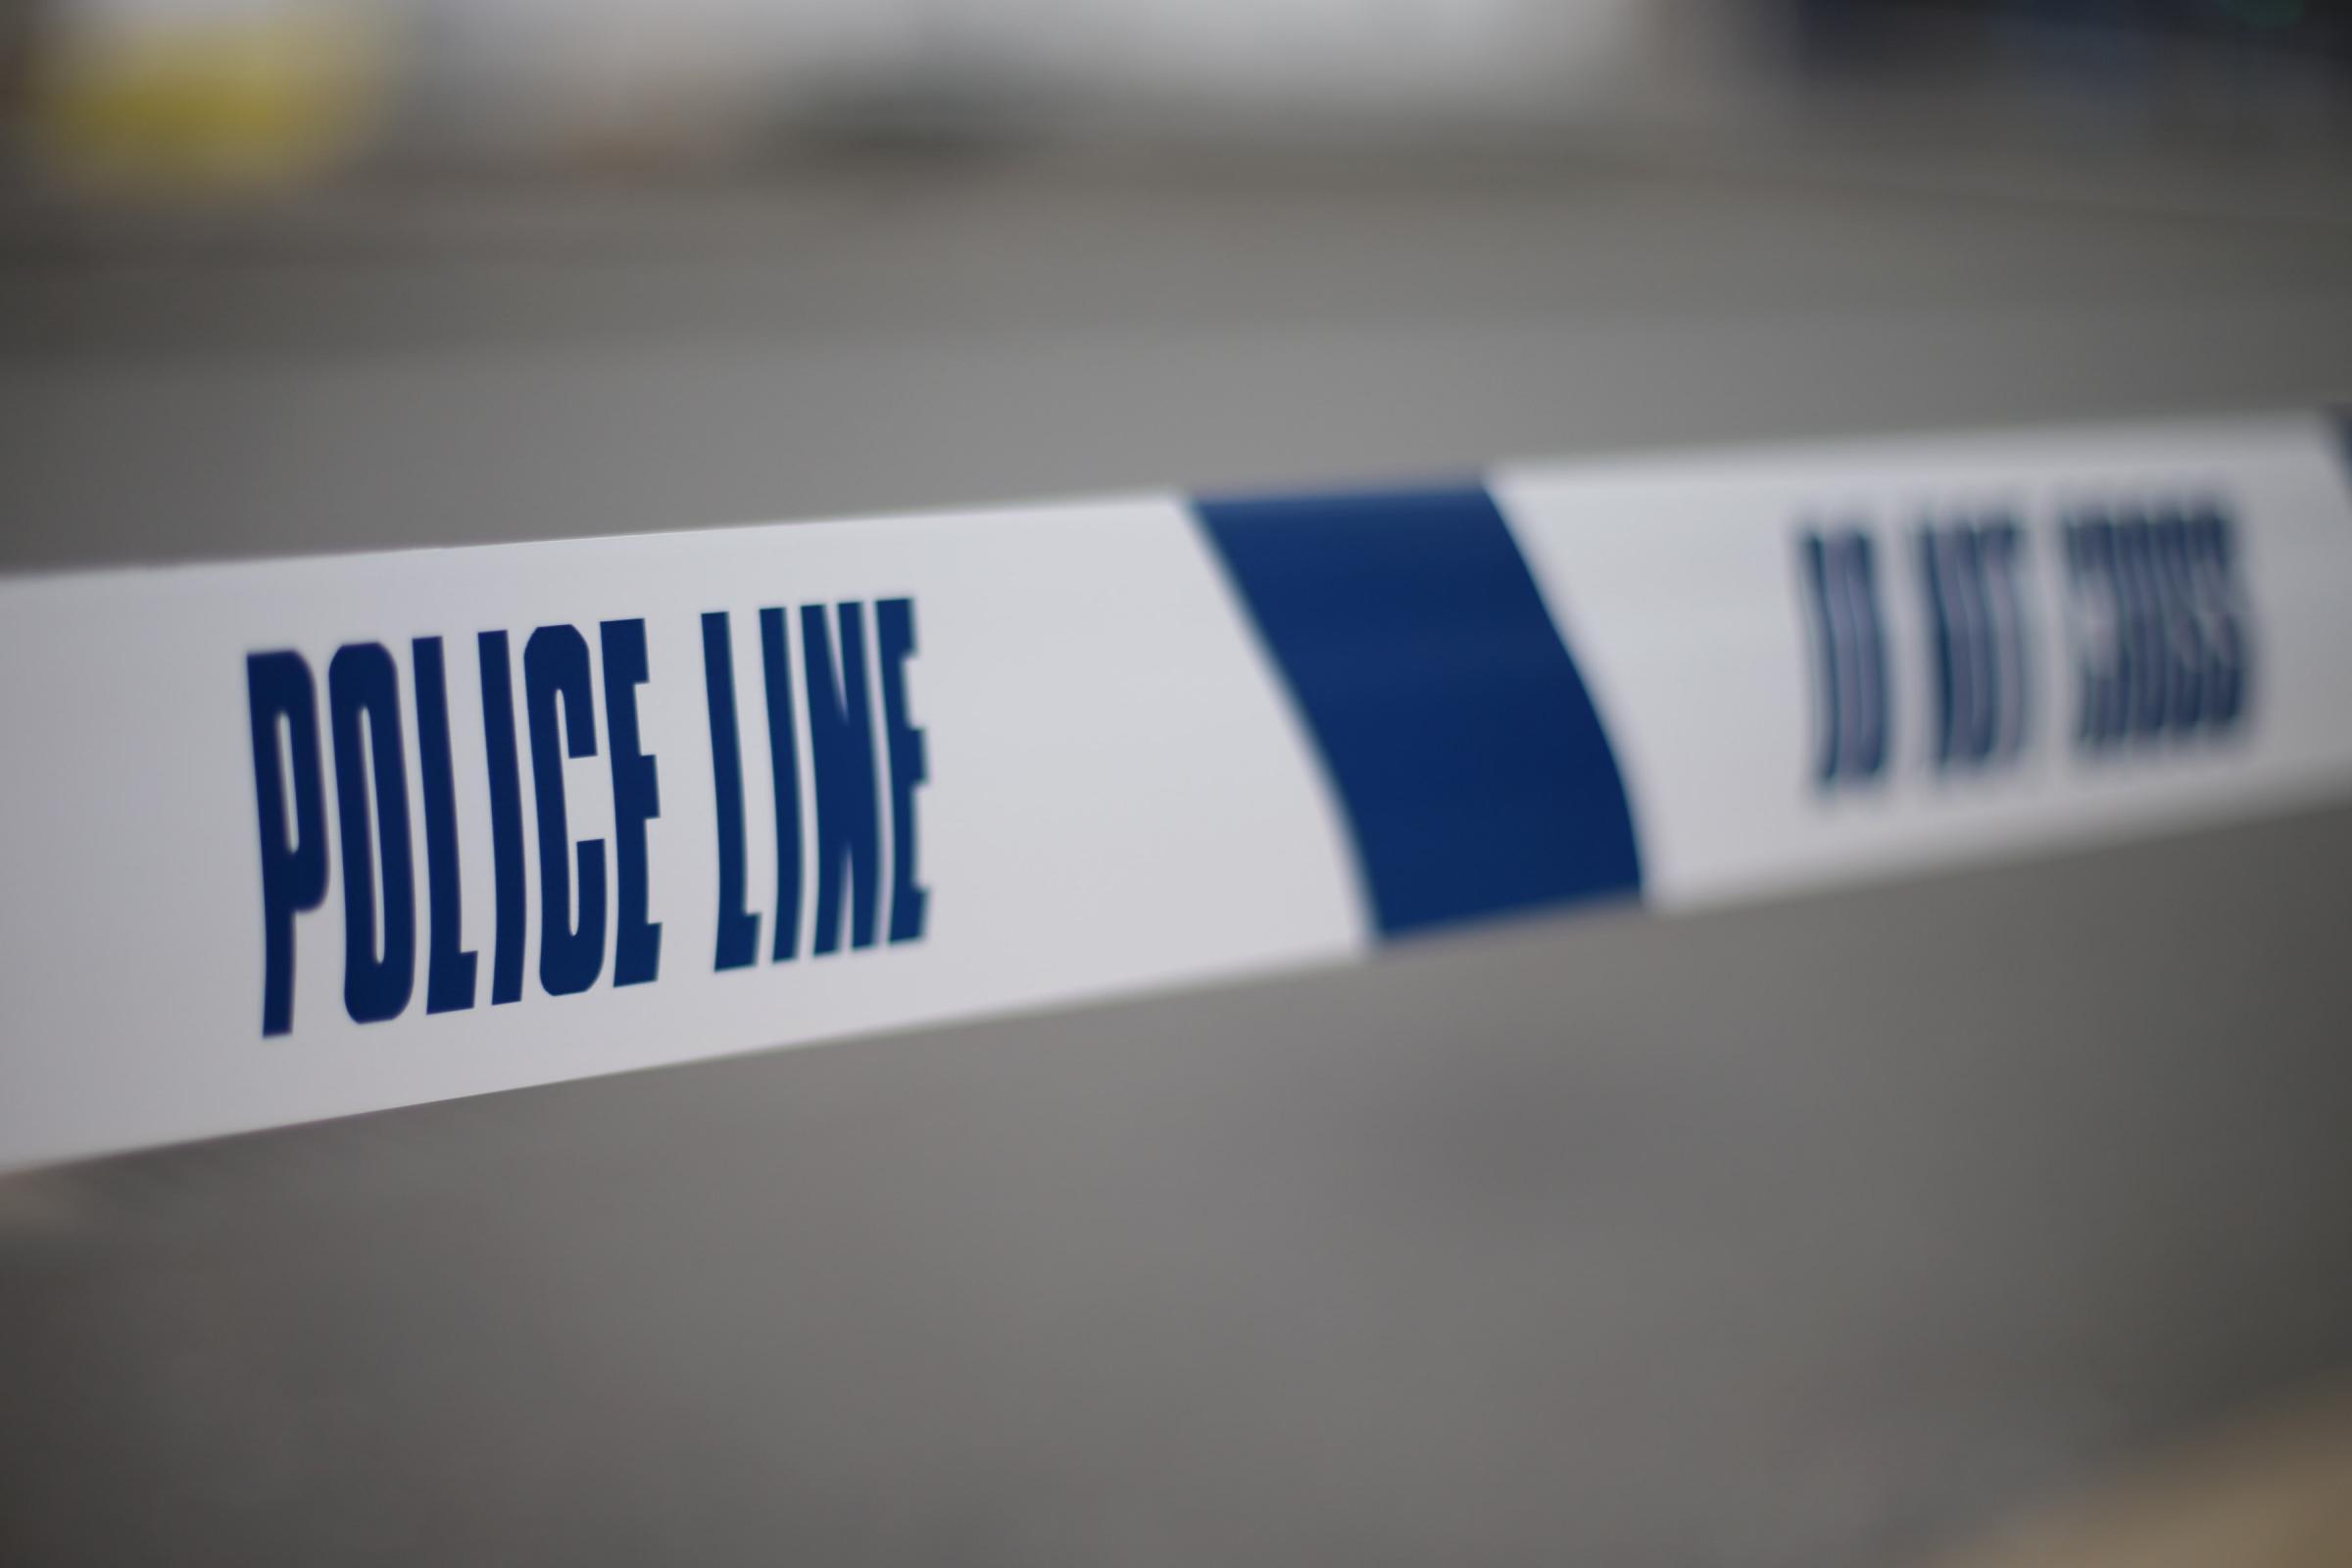 Man arrested on suspicion of murder after woman's body found in Enniskillen